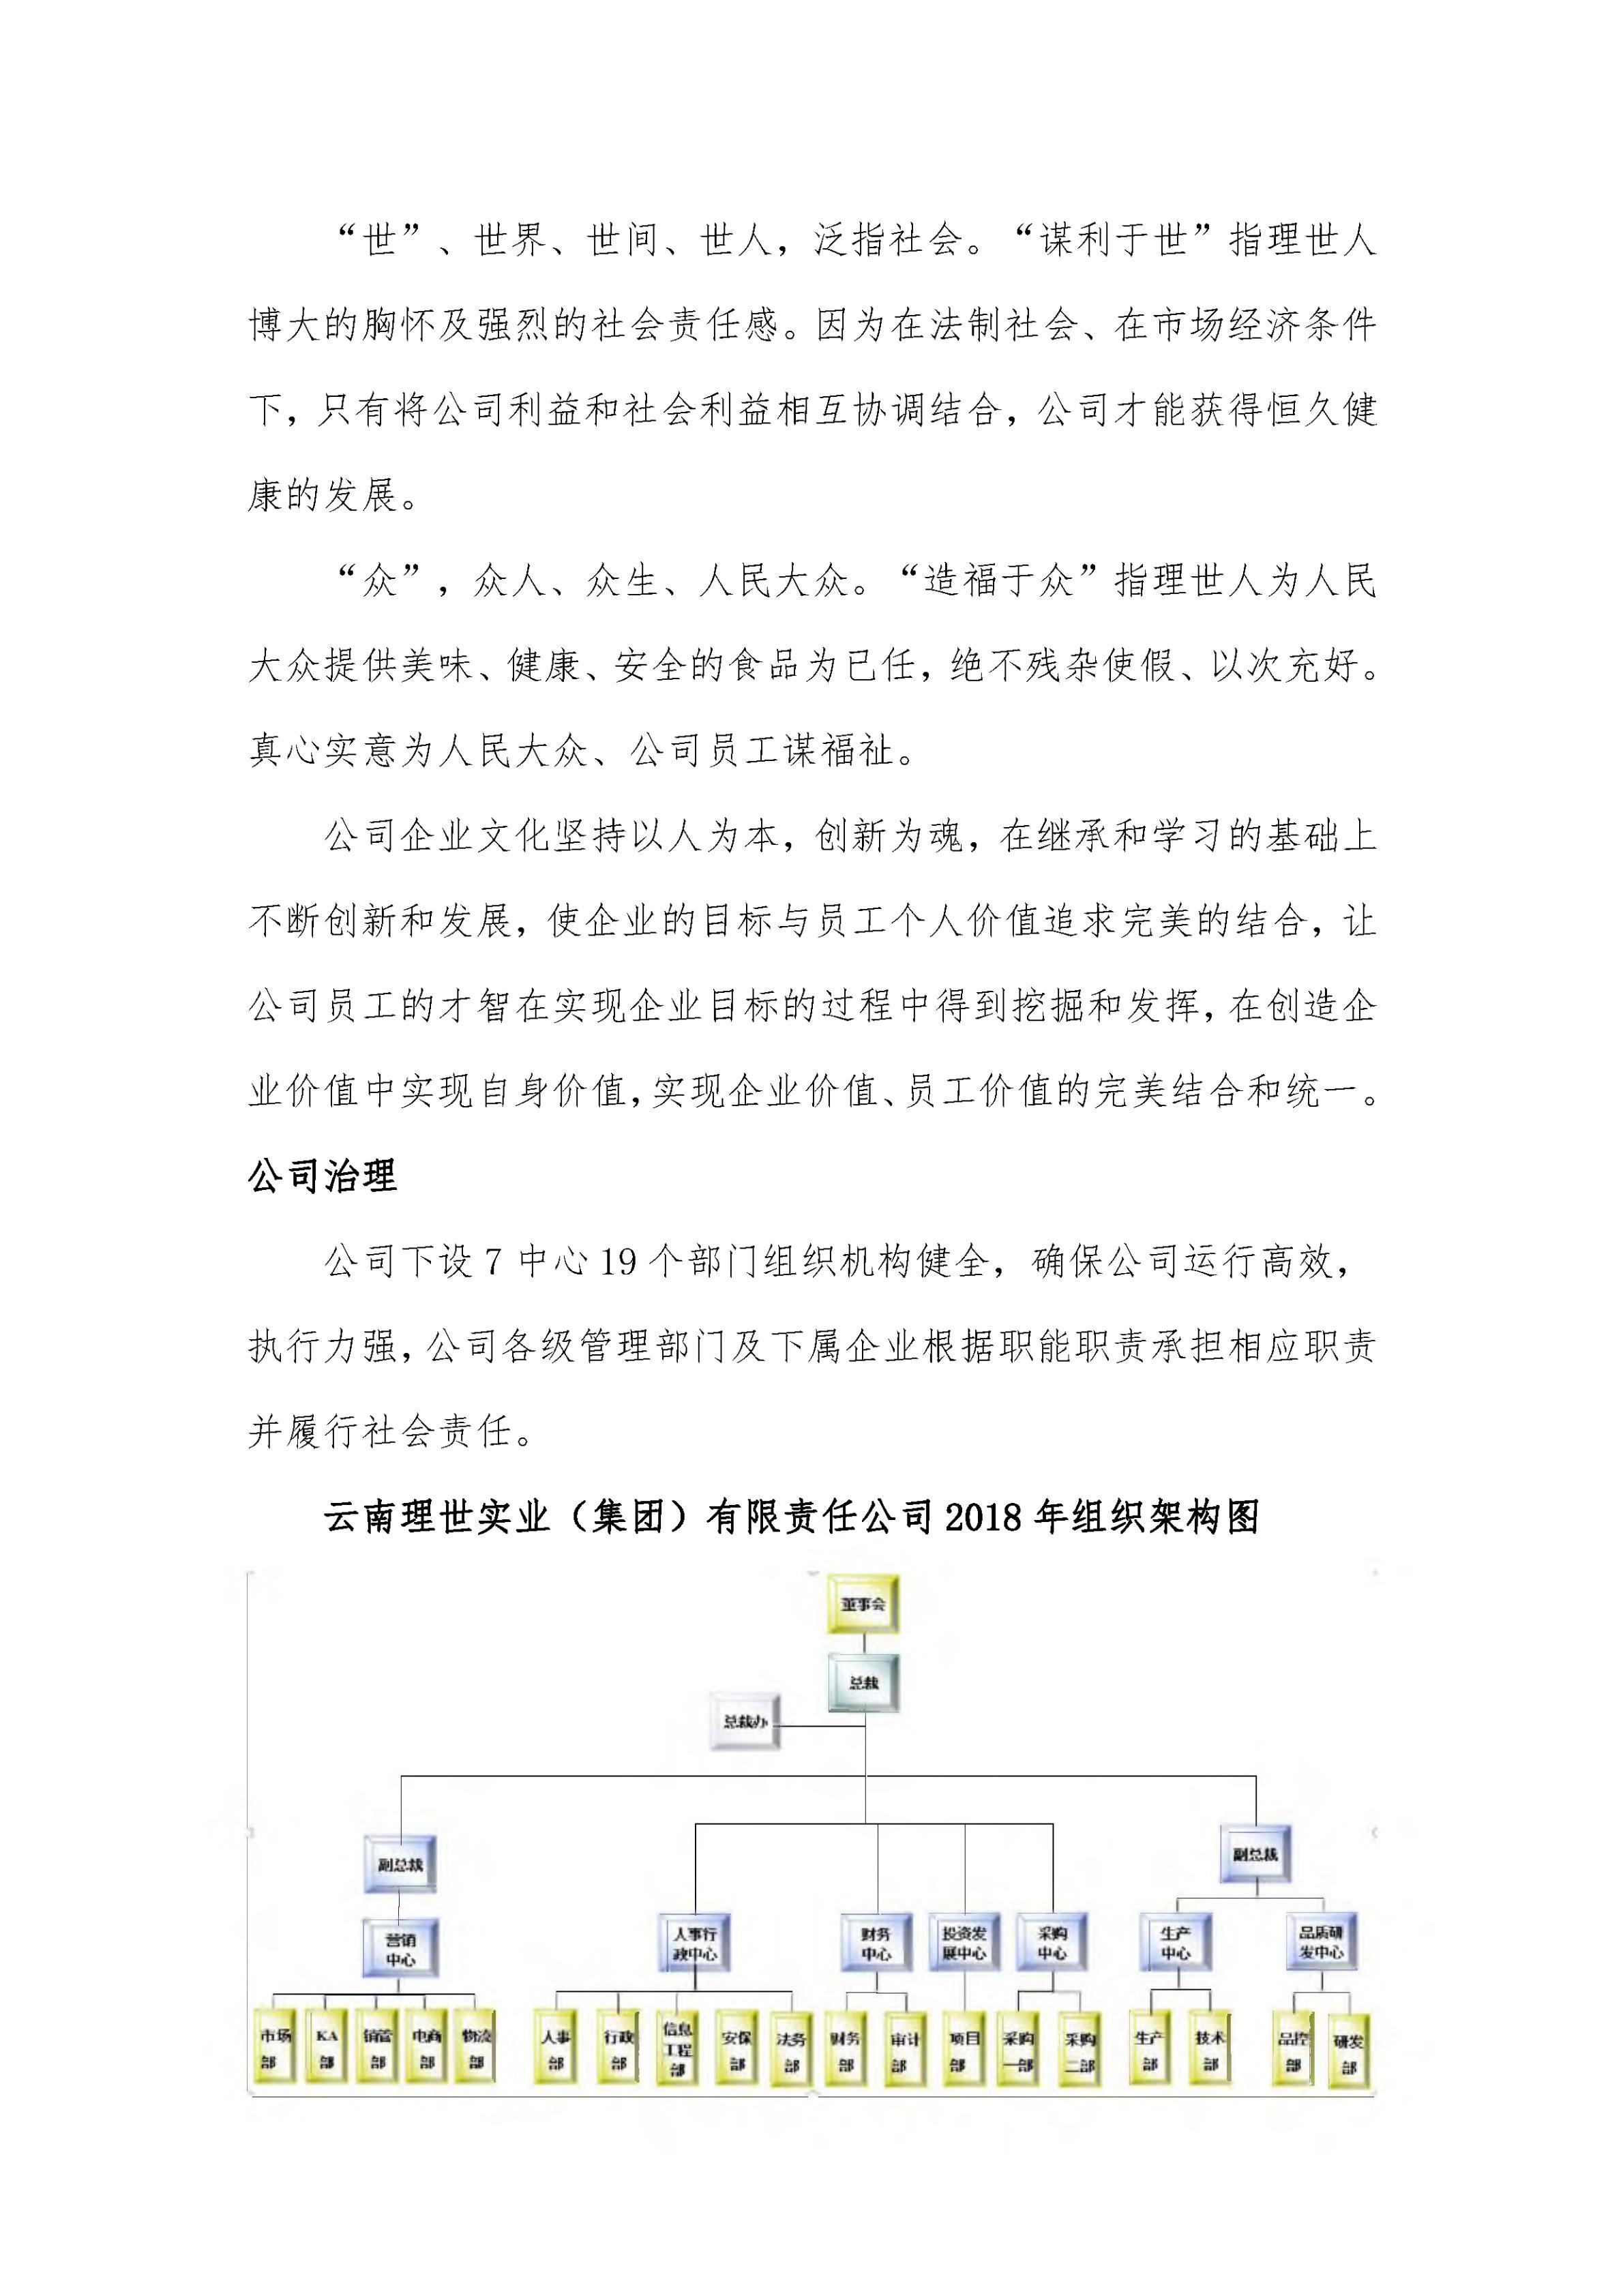 云南理世實業(集團)有限責任公司2018年社會責任報告.FR11_05.jpg